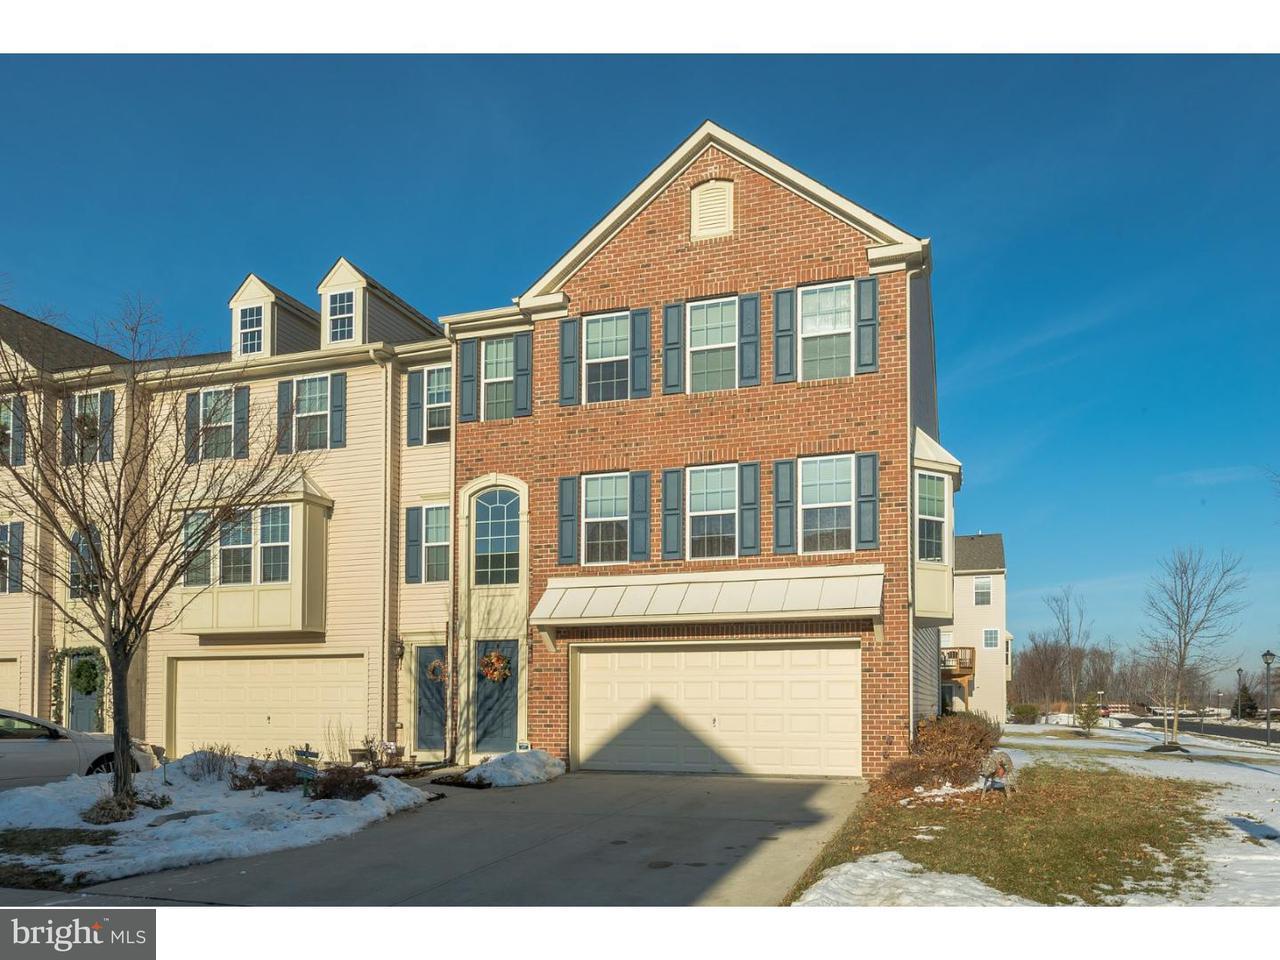 Casa unifamiliar adosada (Townhouse) por un Venta en 315 NATHAN Drive Cinnaminson Township, Nueva Jersey 08077 Estados Unidos